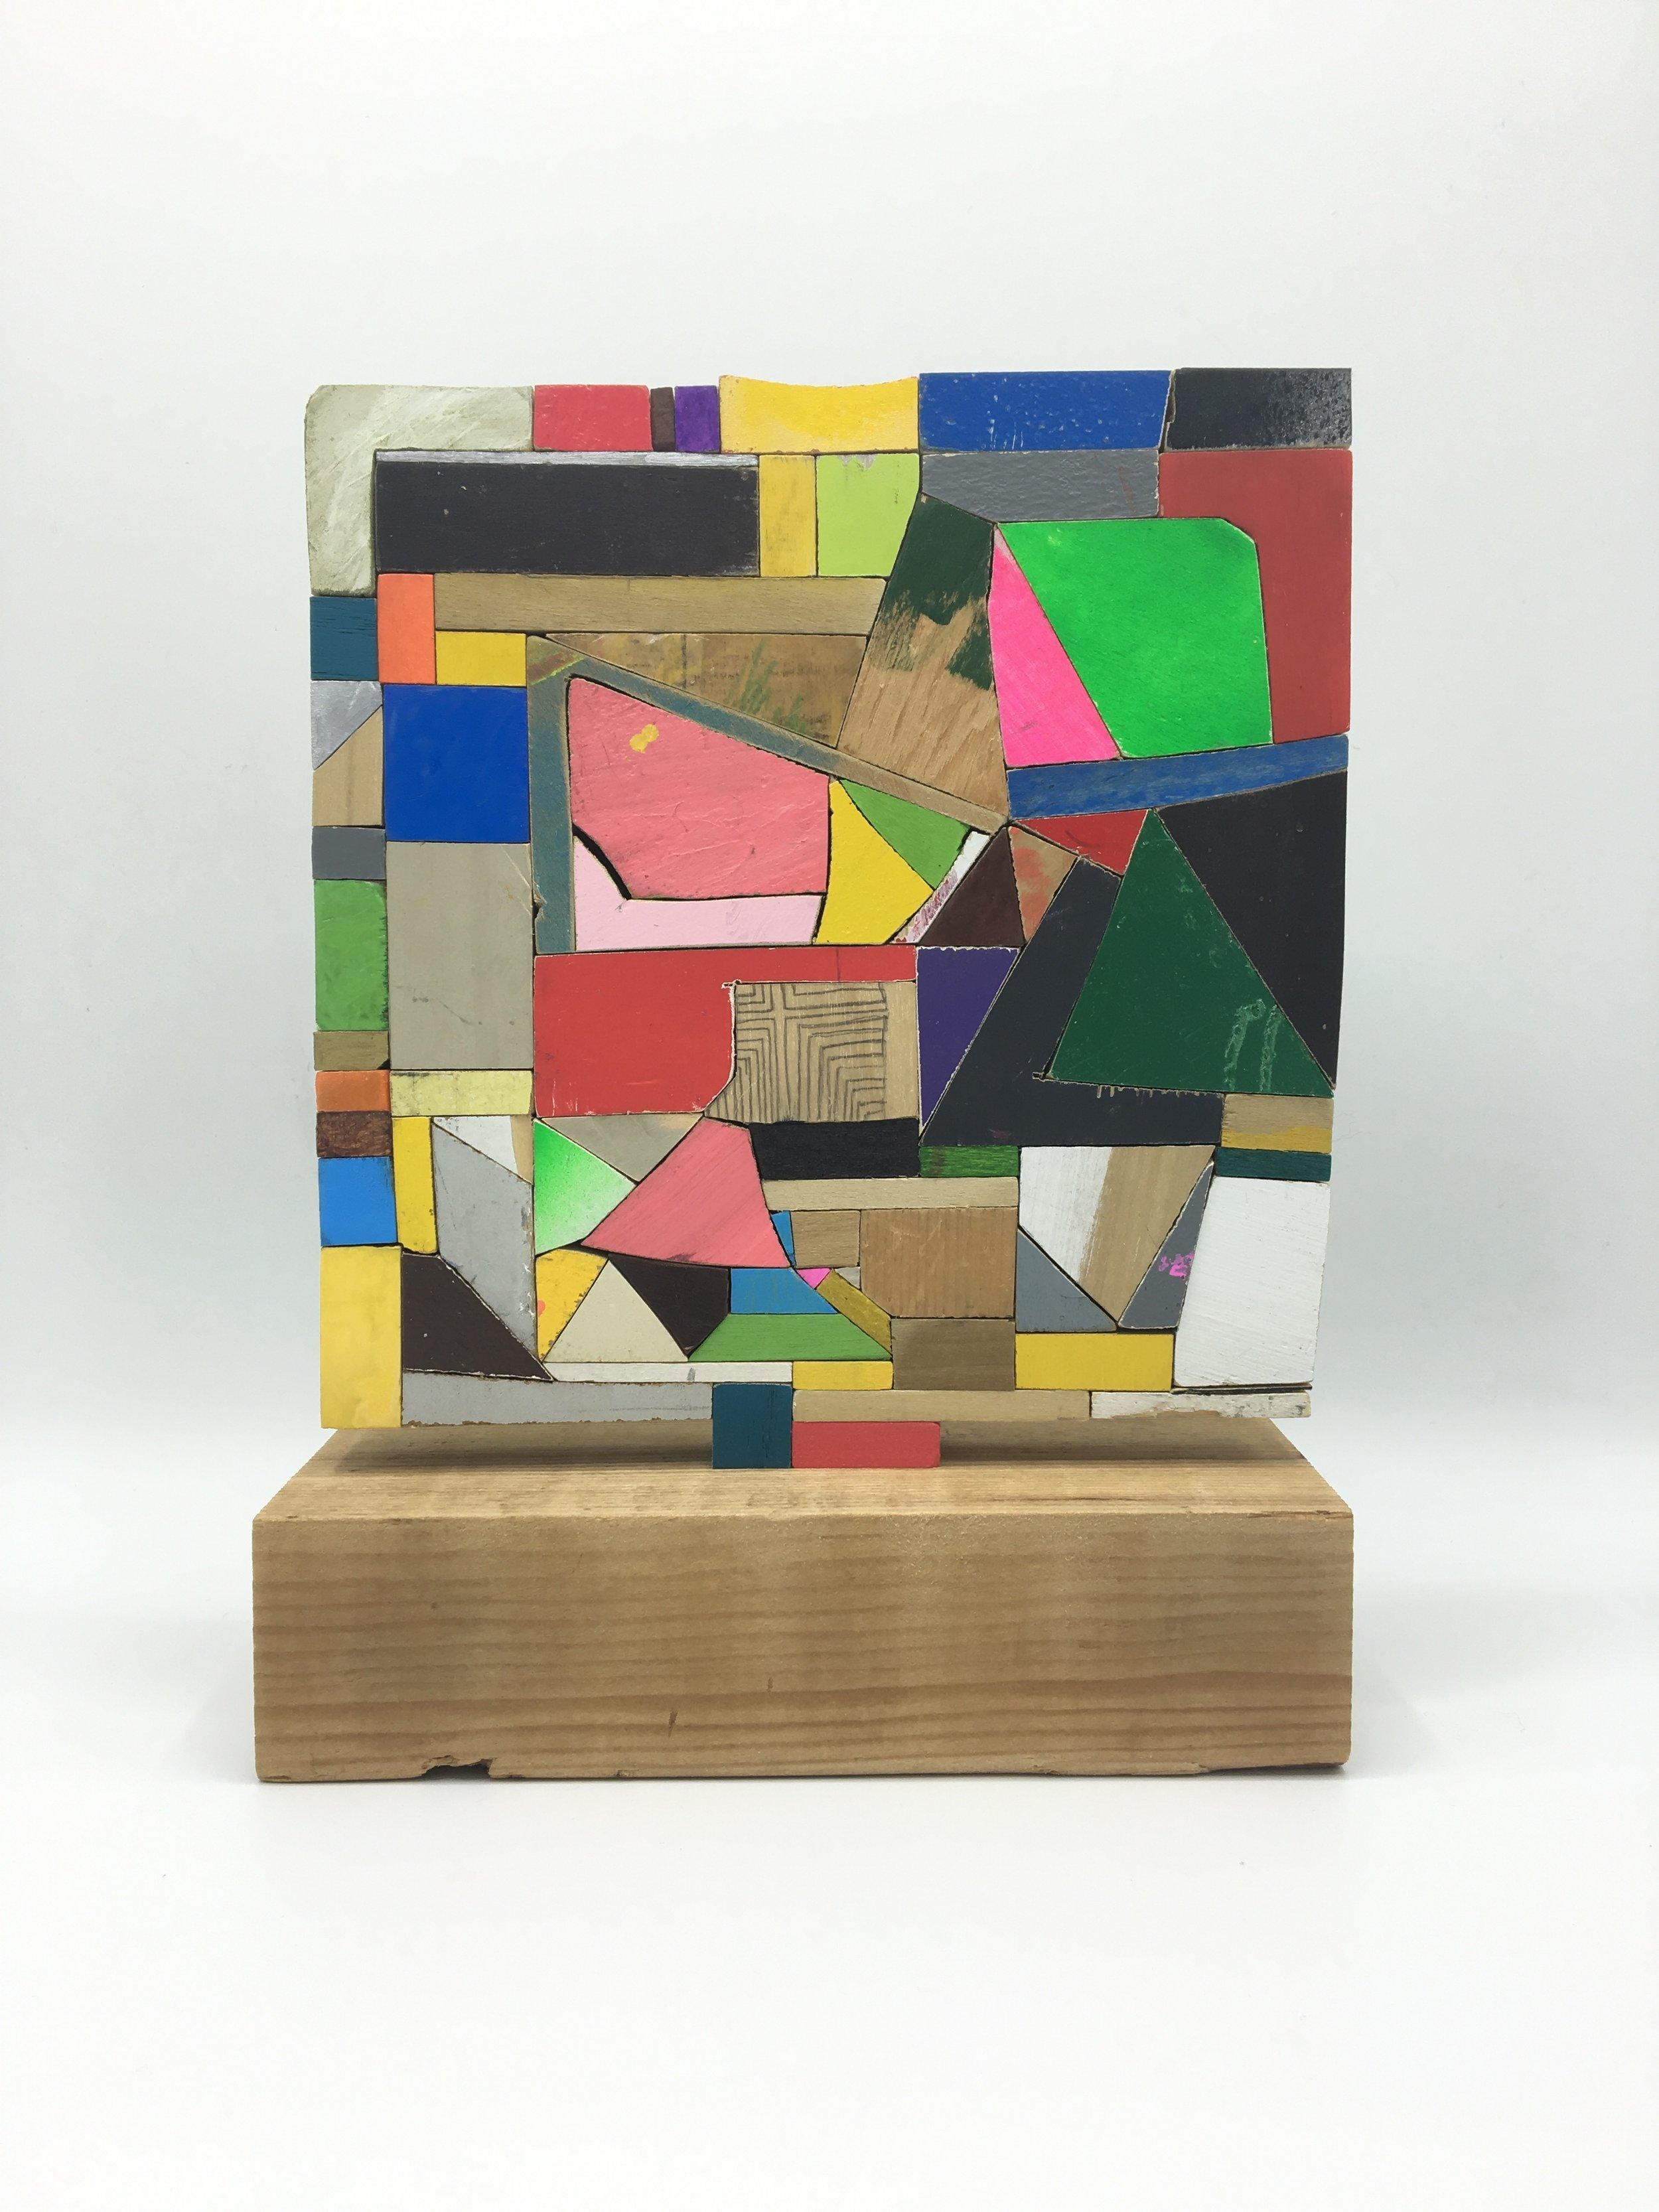 """patch, 2017, 9"""" x 7"""" x 2.5"""" wood, paint, glue, $1,200"""